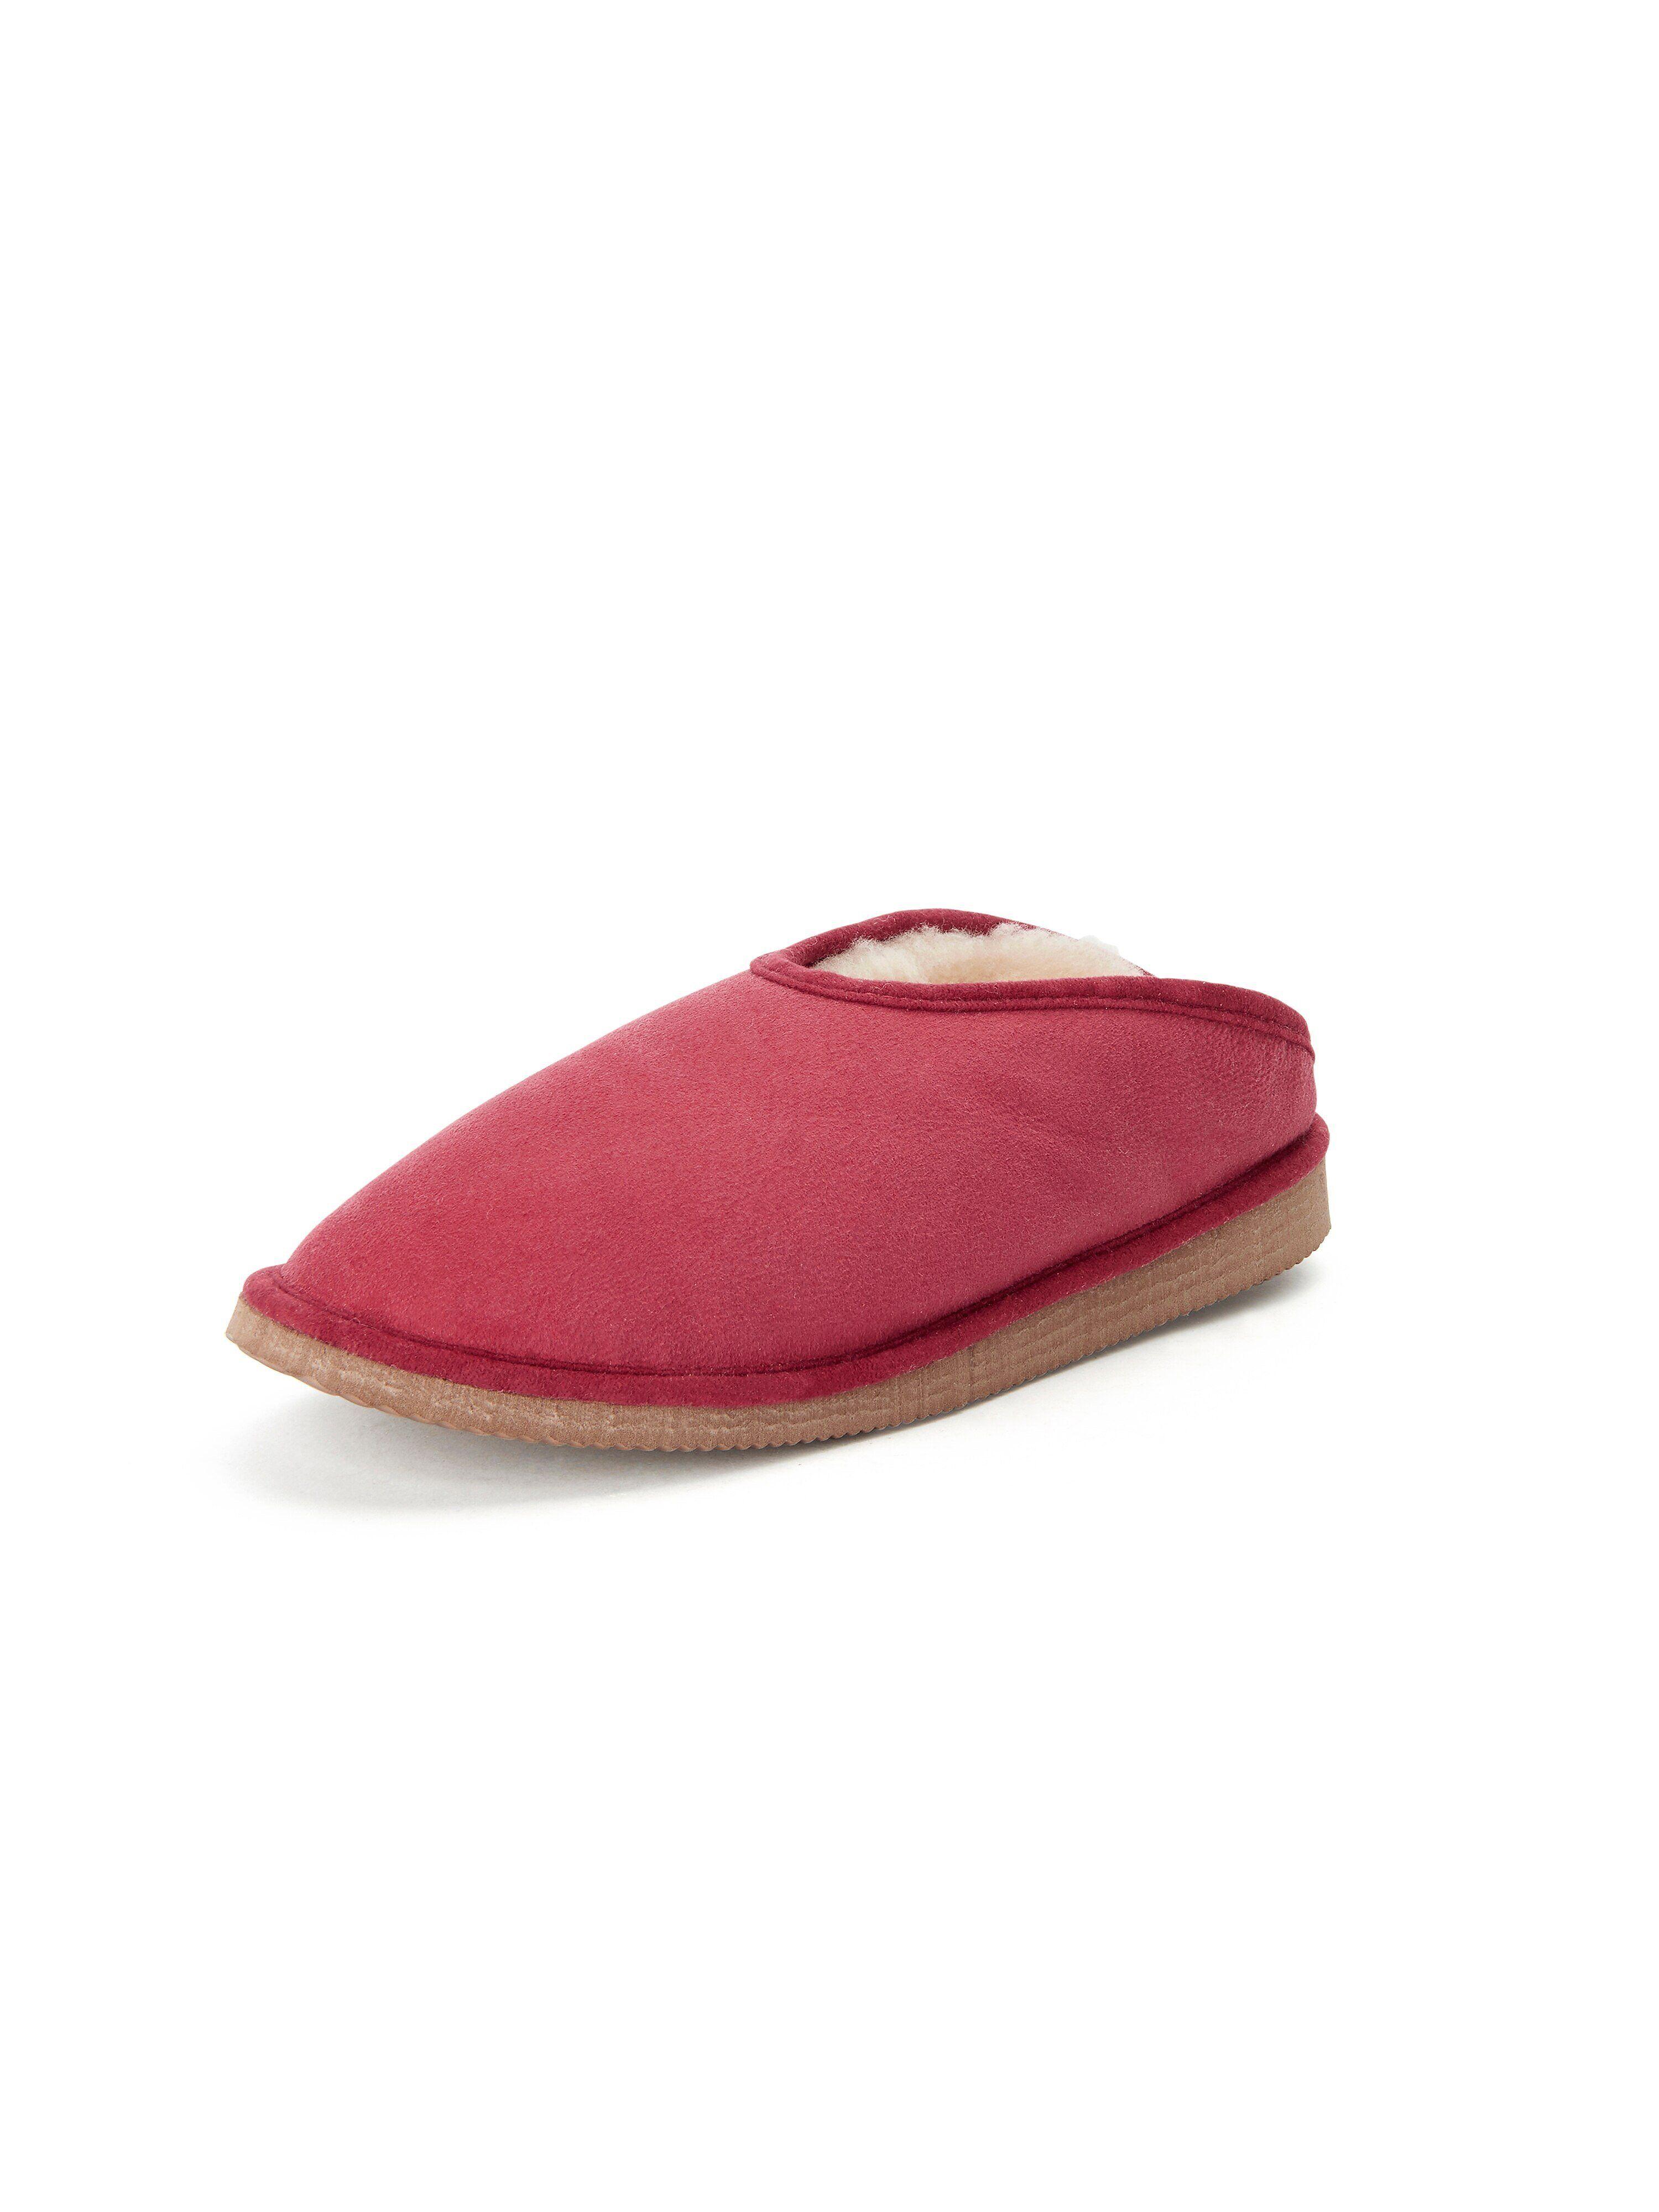 Kitzpichler Les chaussons Fatima en agneau lainé  Kitzpichler rouge  - Femme - 37